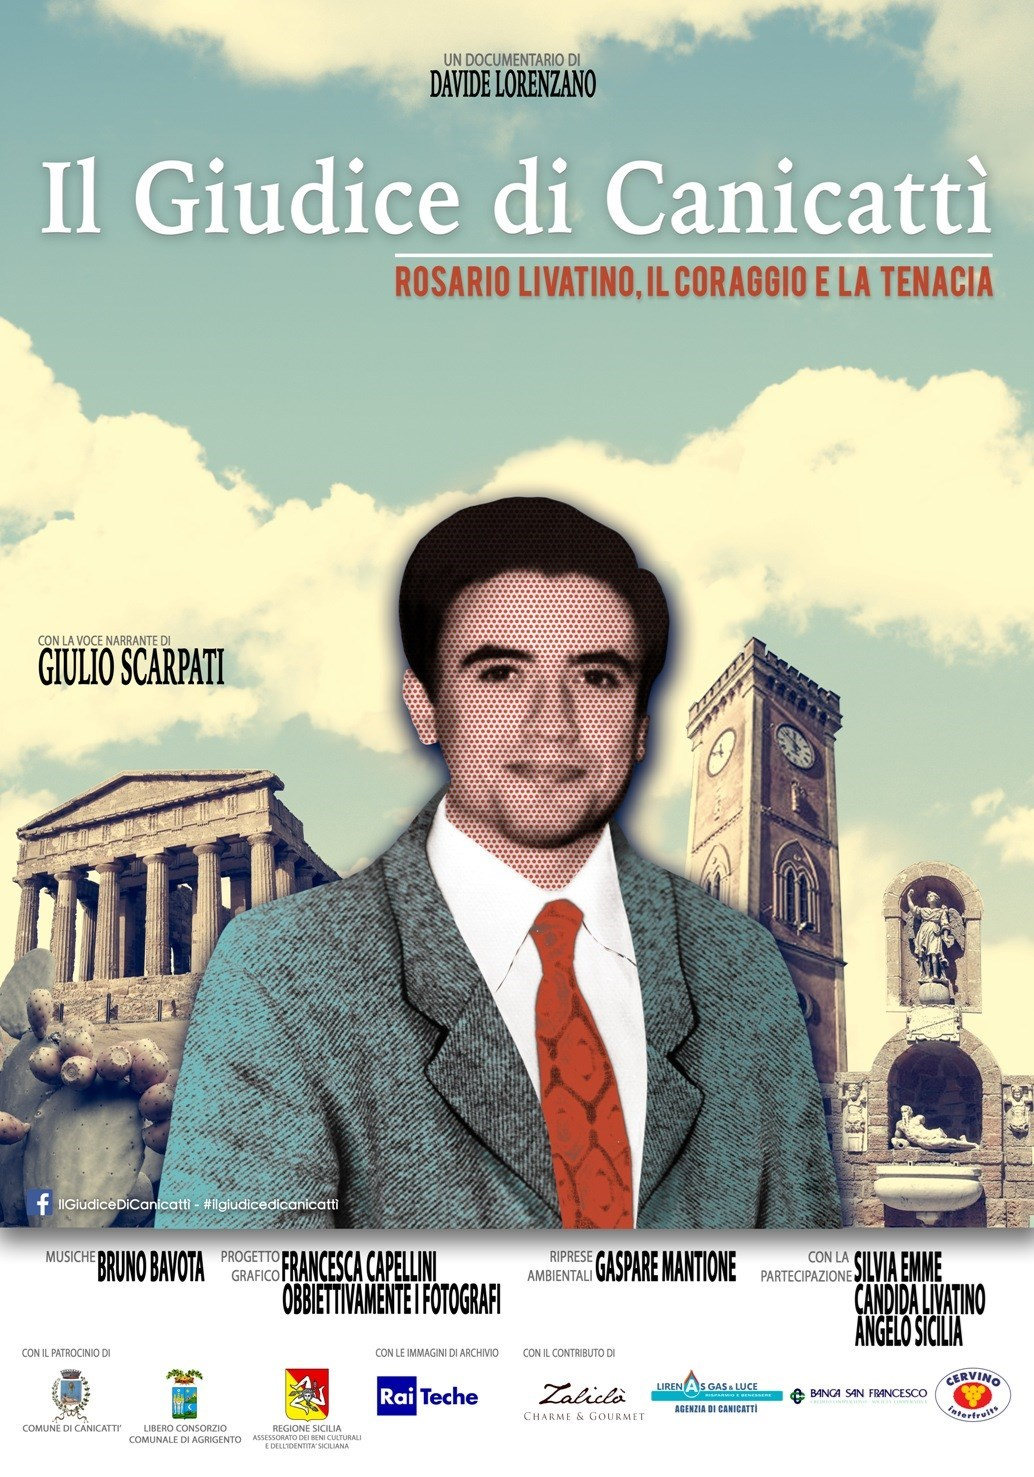 Picture of La Sicilia Film Commission inaugura la Settimana della Legalità e presenta il documentario dedicato al giudice recentemente beatificato.